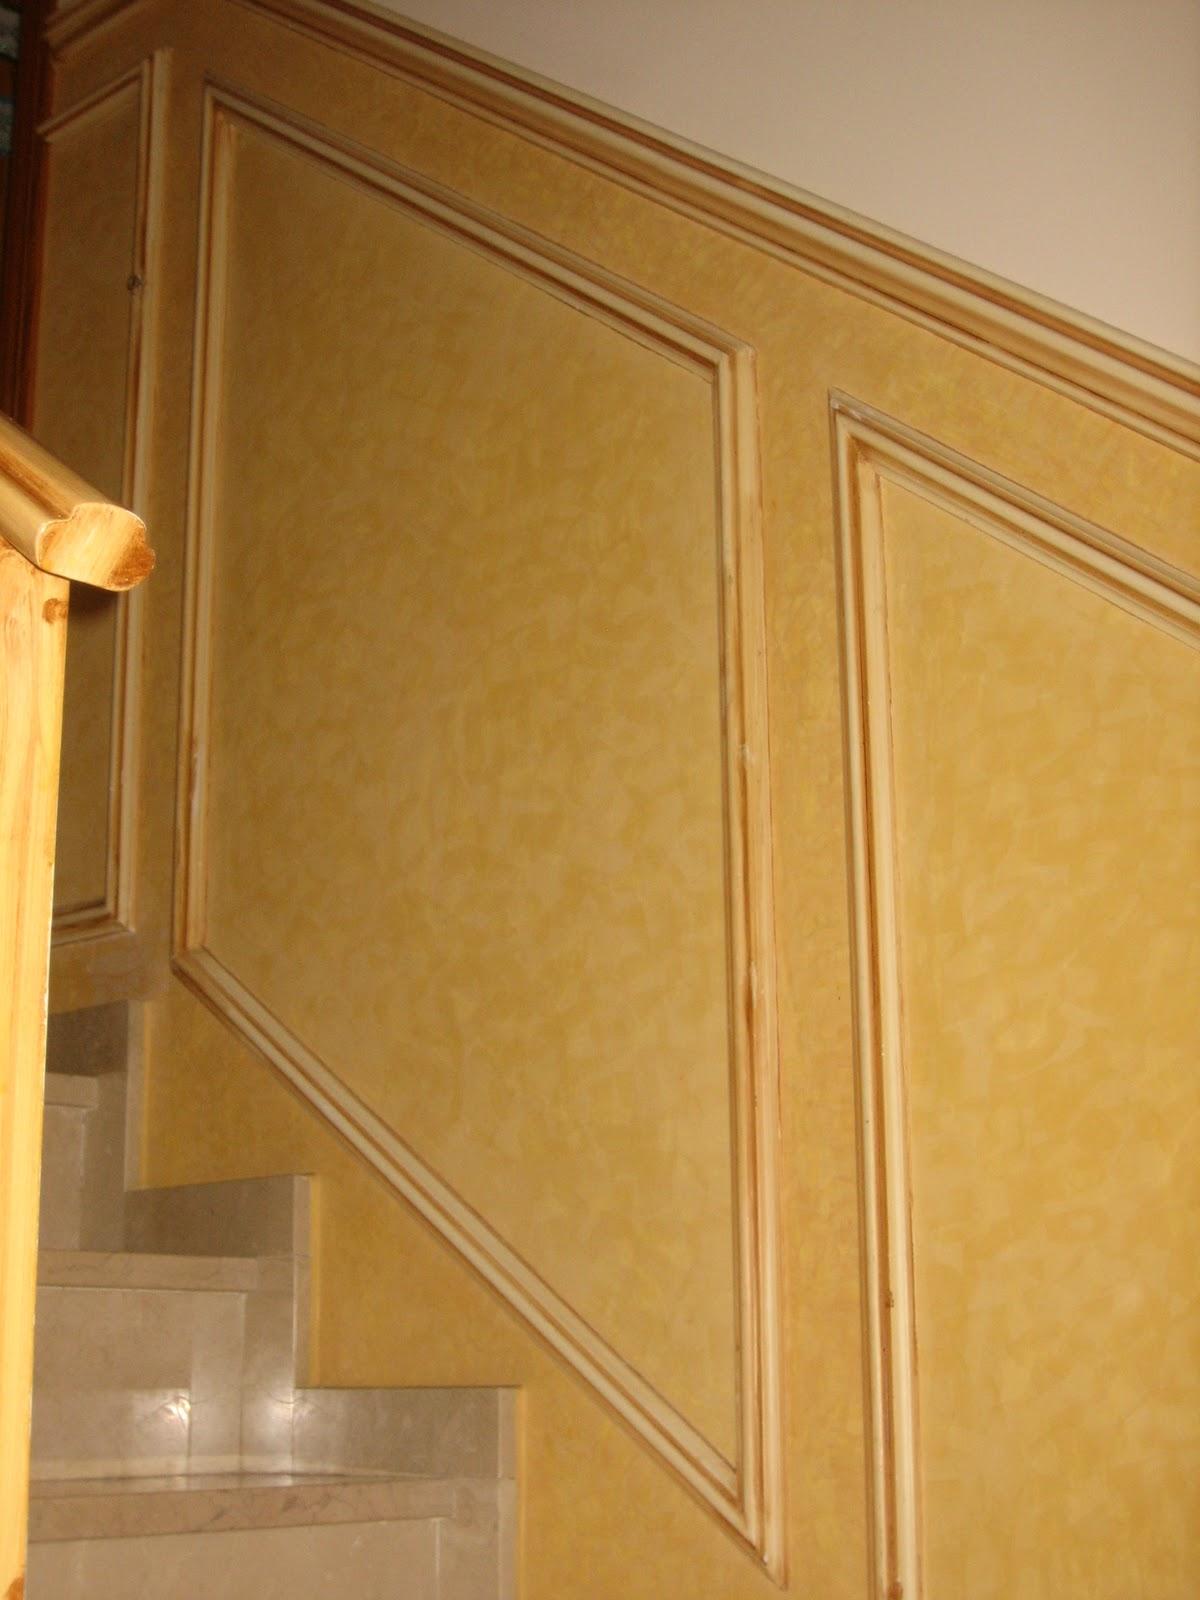 Rafael arenas trabajos zocalo escalera - Zocalos para escaleras ...